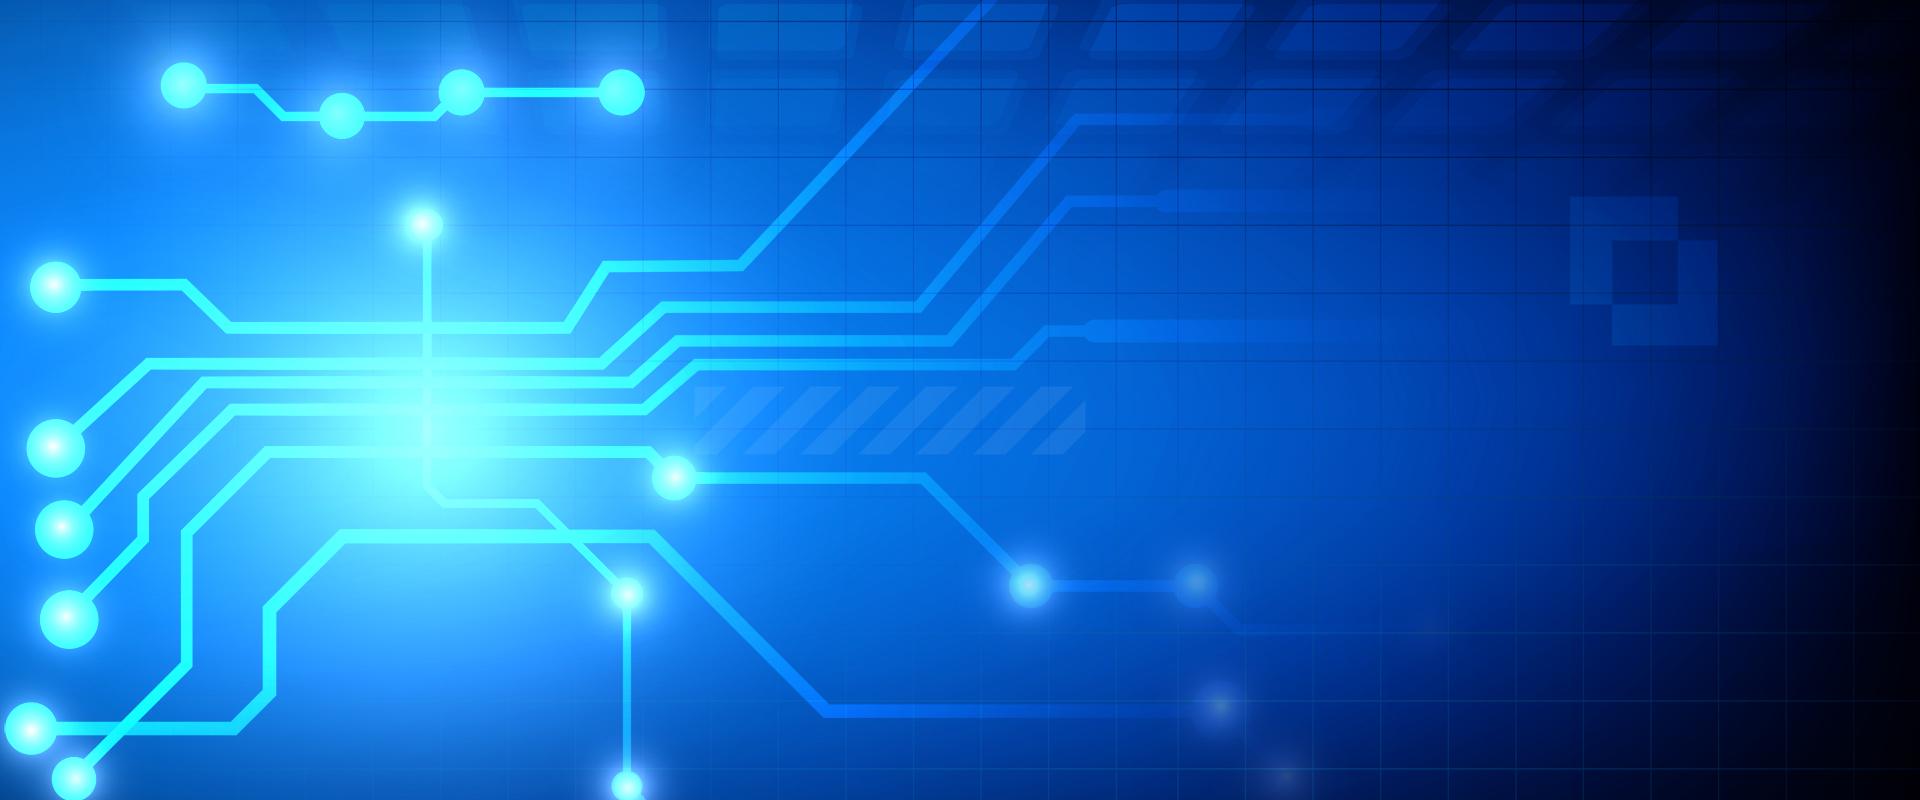 laser dispositivo  u00f3ptico dispositivo digital antecedentes